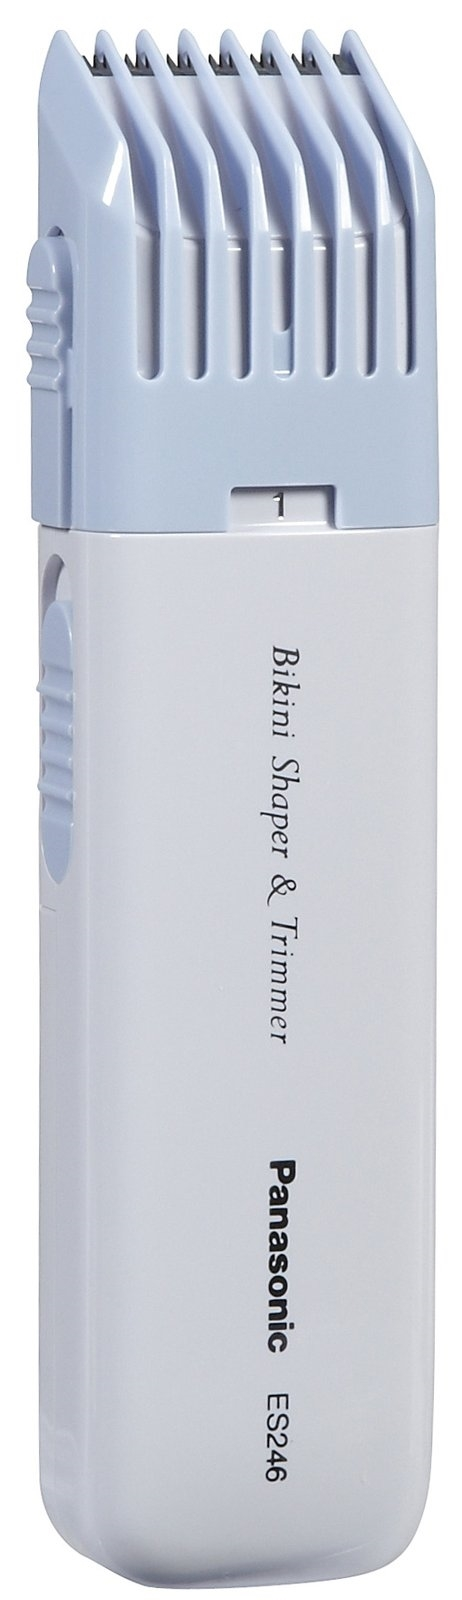 Panasonic Bikini Trimmer